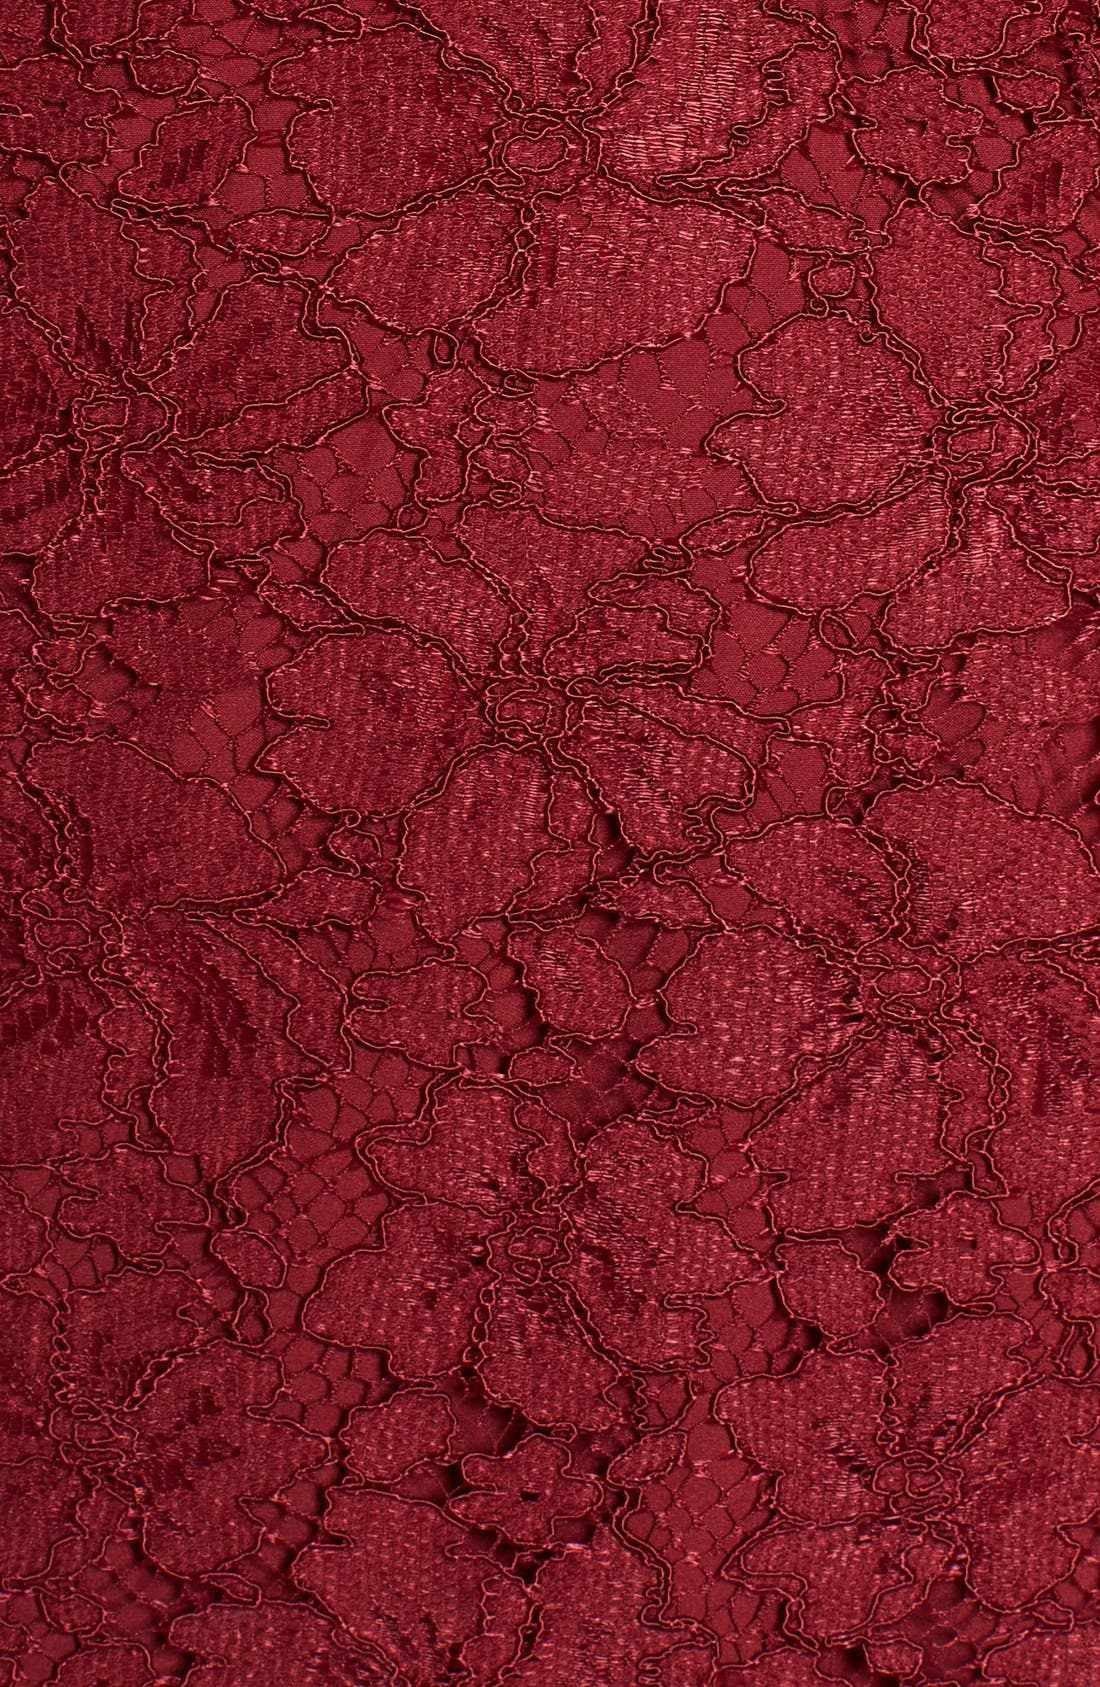 Say It Out Loud Lace Dress,                             Alternate thumbnail 26, color,